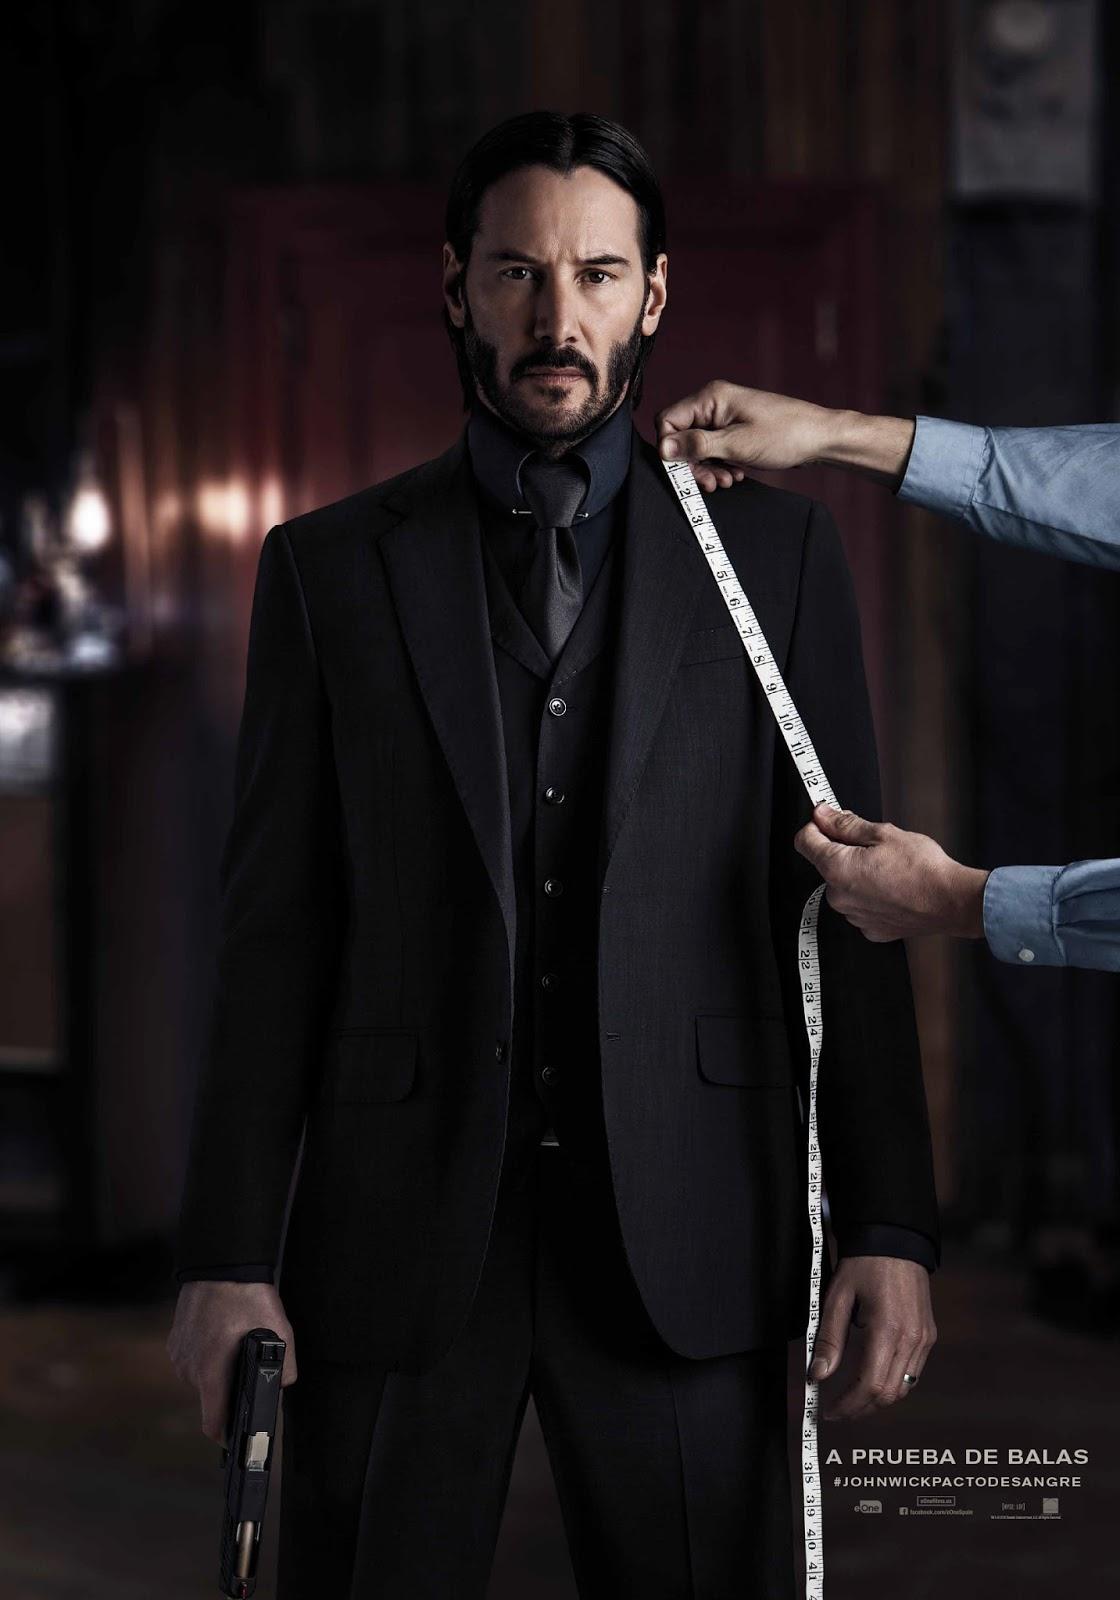 Primeras imágenes y teaser póster de 'John Wick. Pacto de sangre'